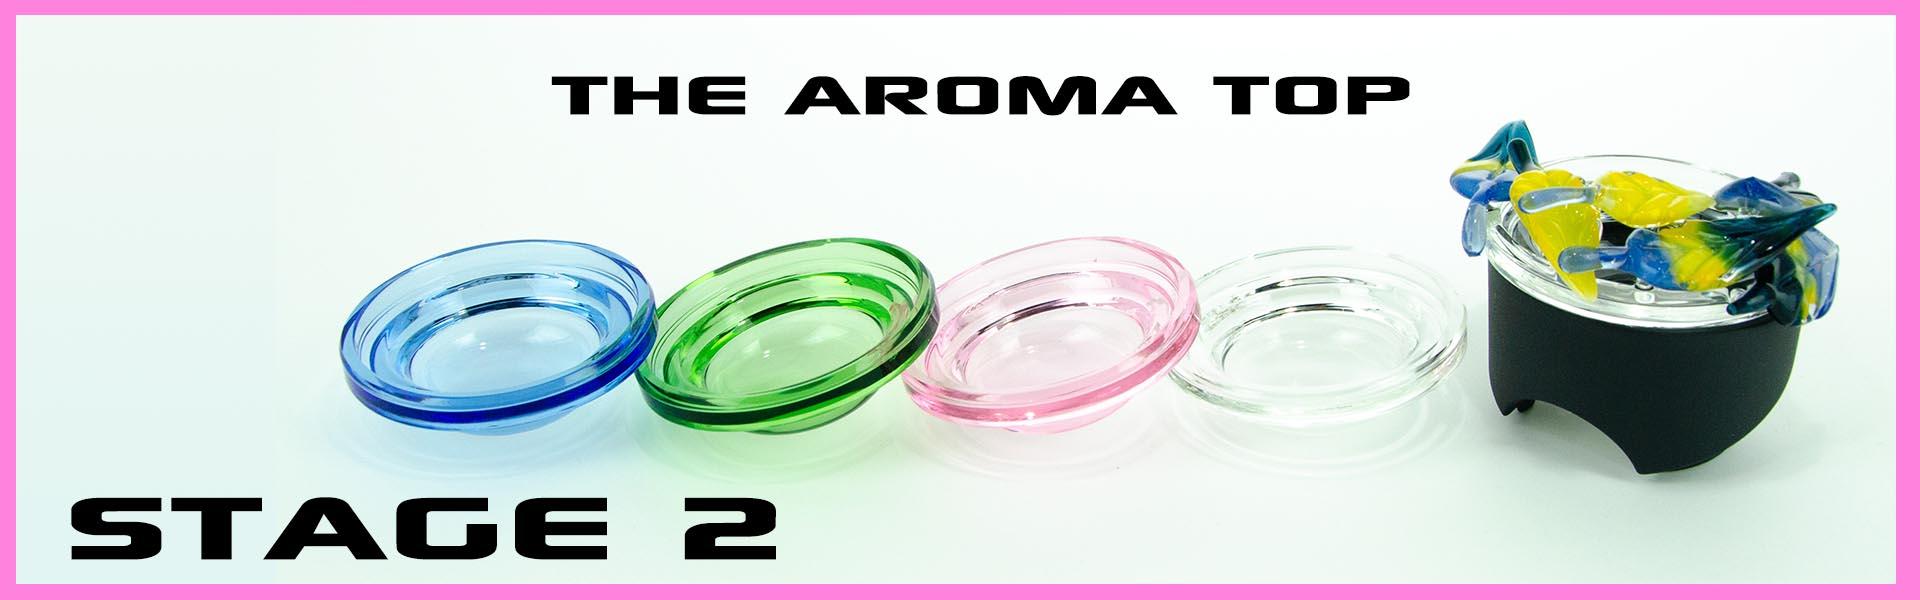 stage-2-aroma-top2.jpg